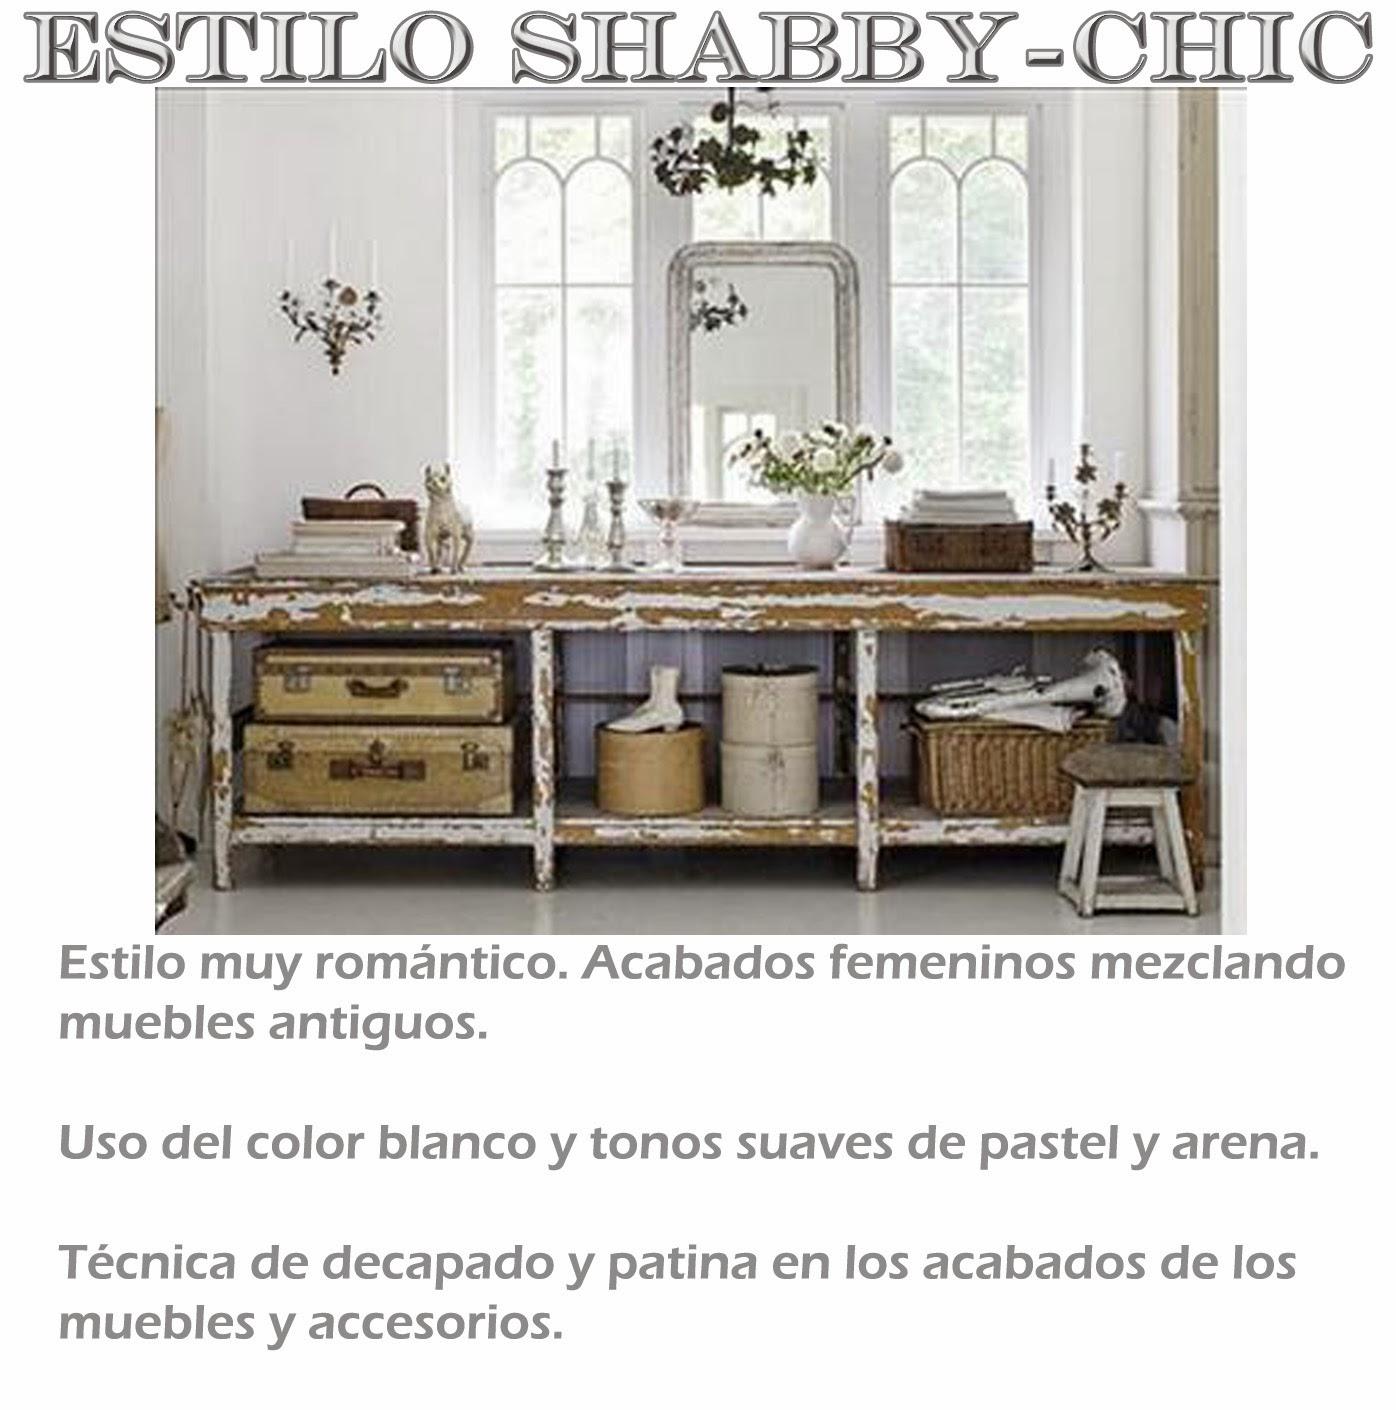 Estilo Shabby-chic